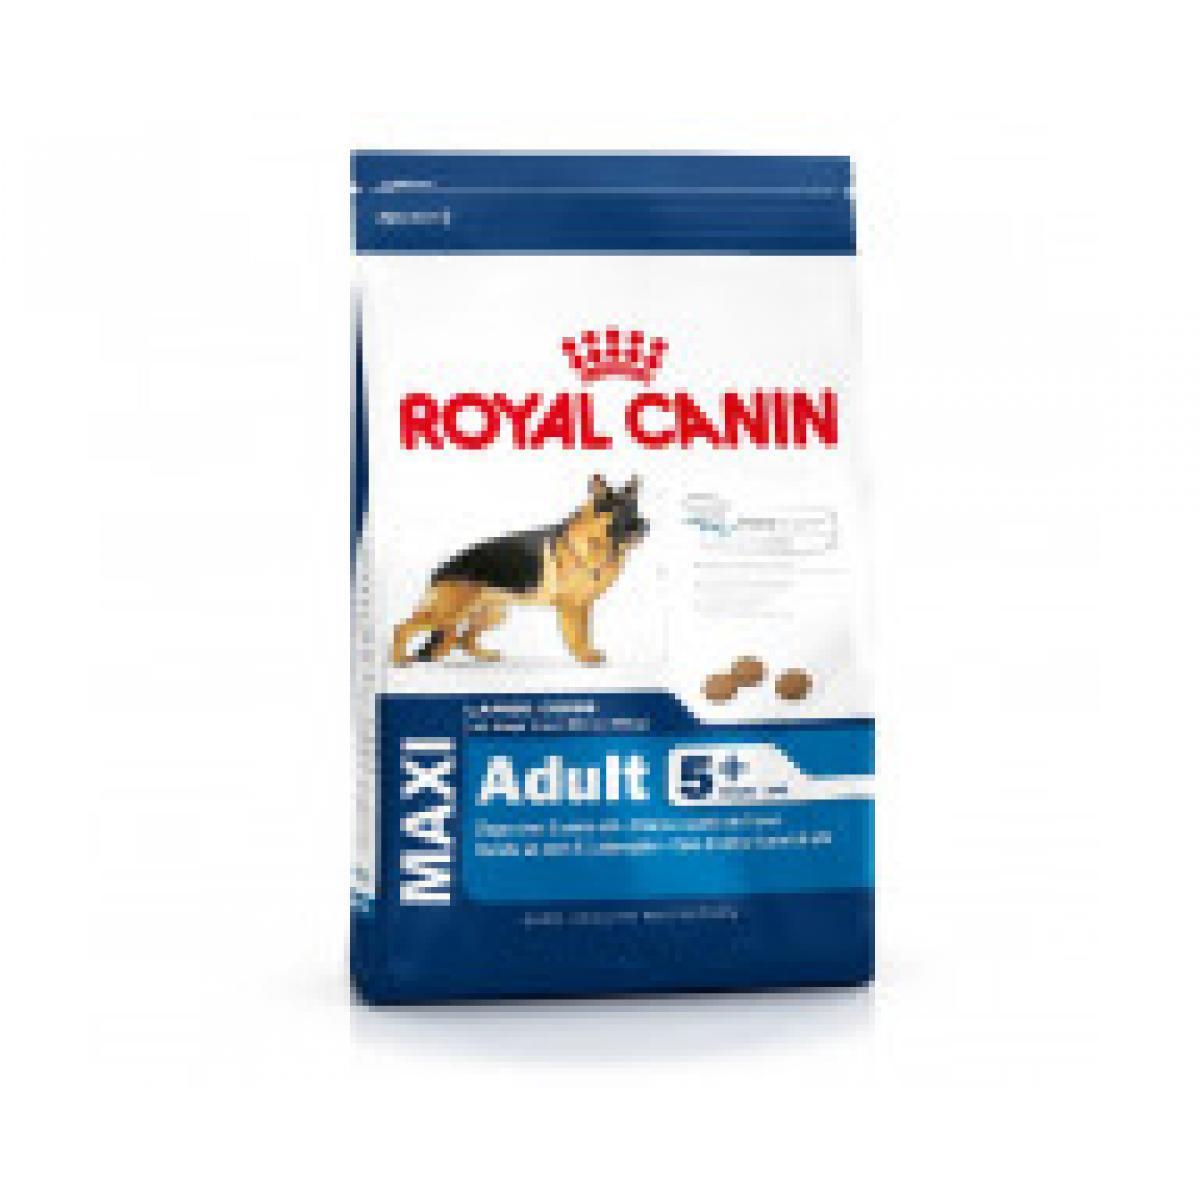 Лучший корм для кошек и собак Royal Canin. Нюансы выбора